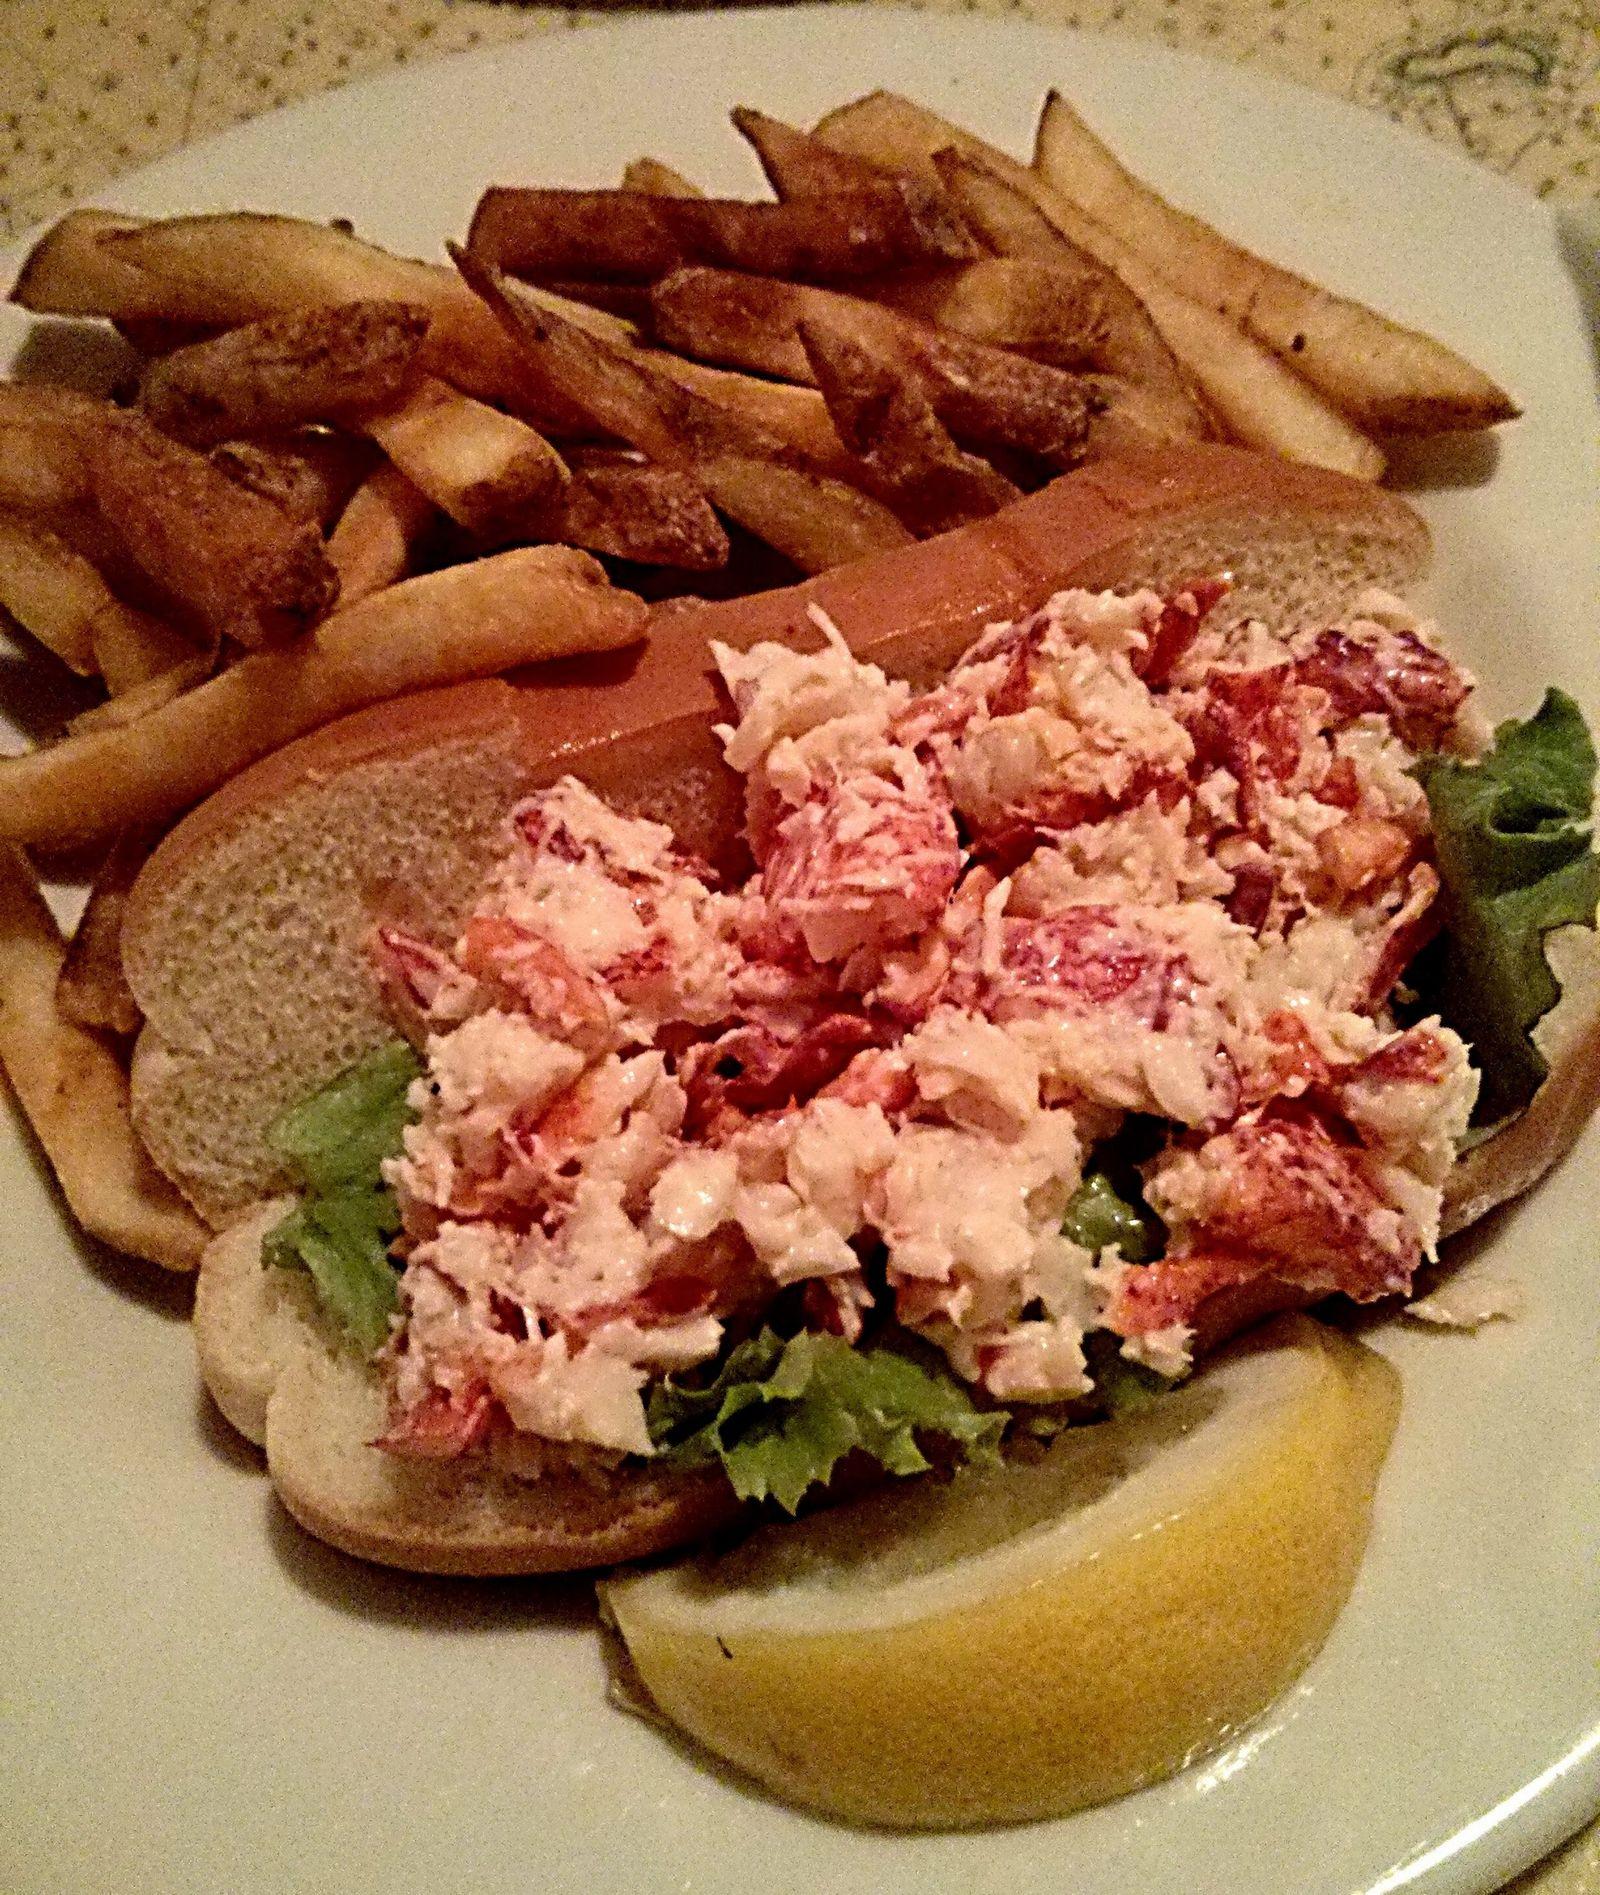 Lobster roll, la decepción gastronómica de la noche